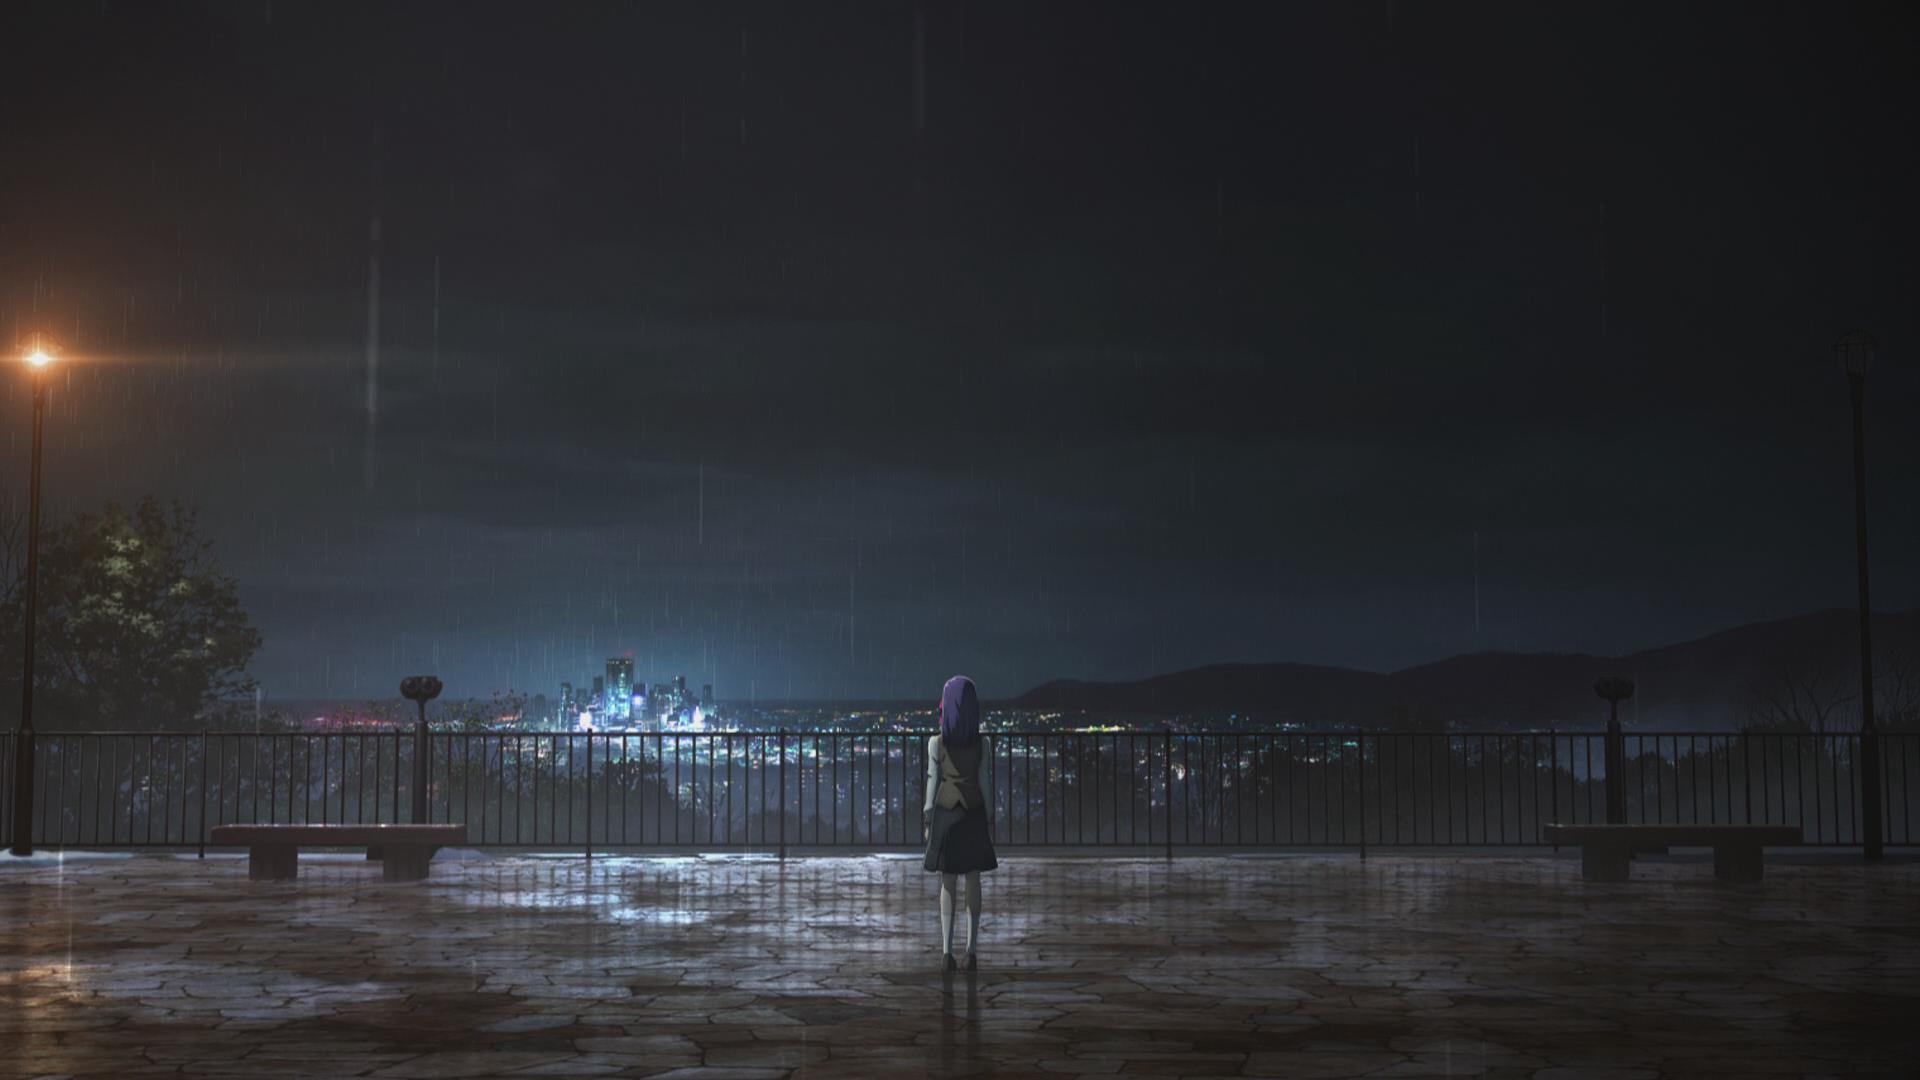 《天之杯II :迷失之蝶》故事主线 人物关系发展 世界观与设定 细节补充- ACG17.COM